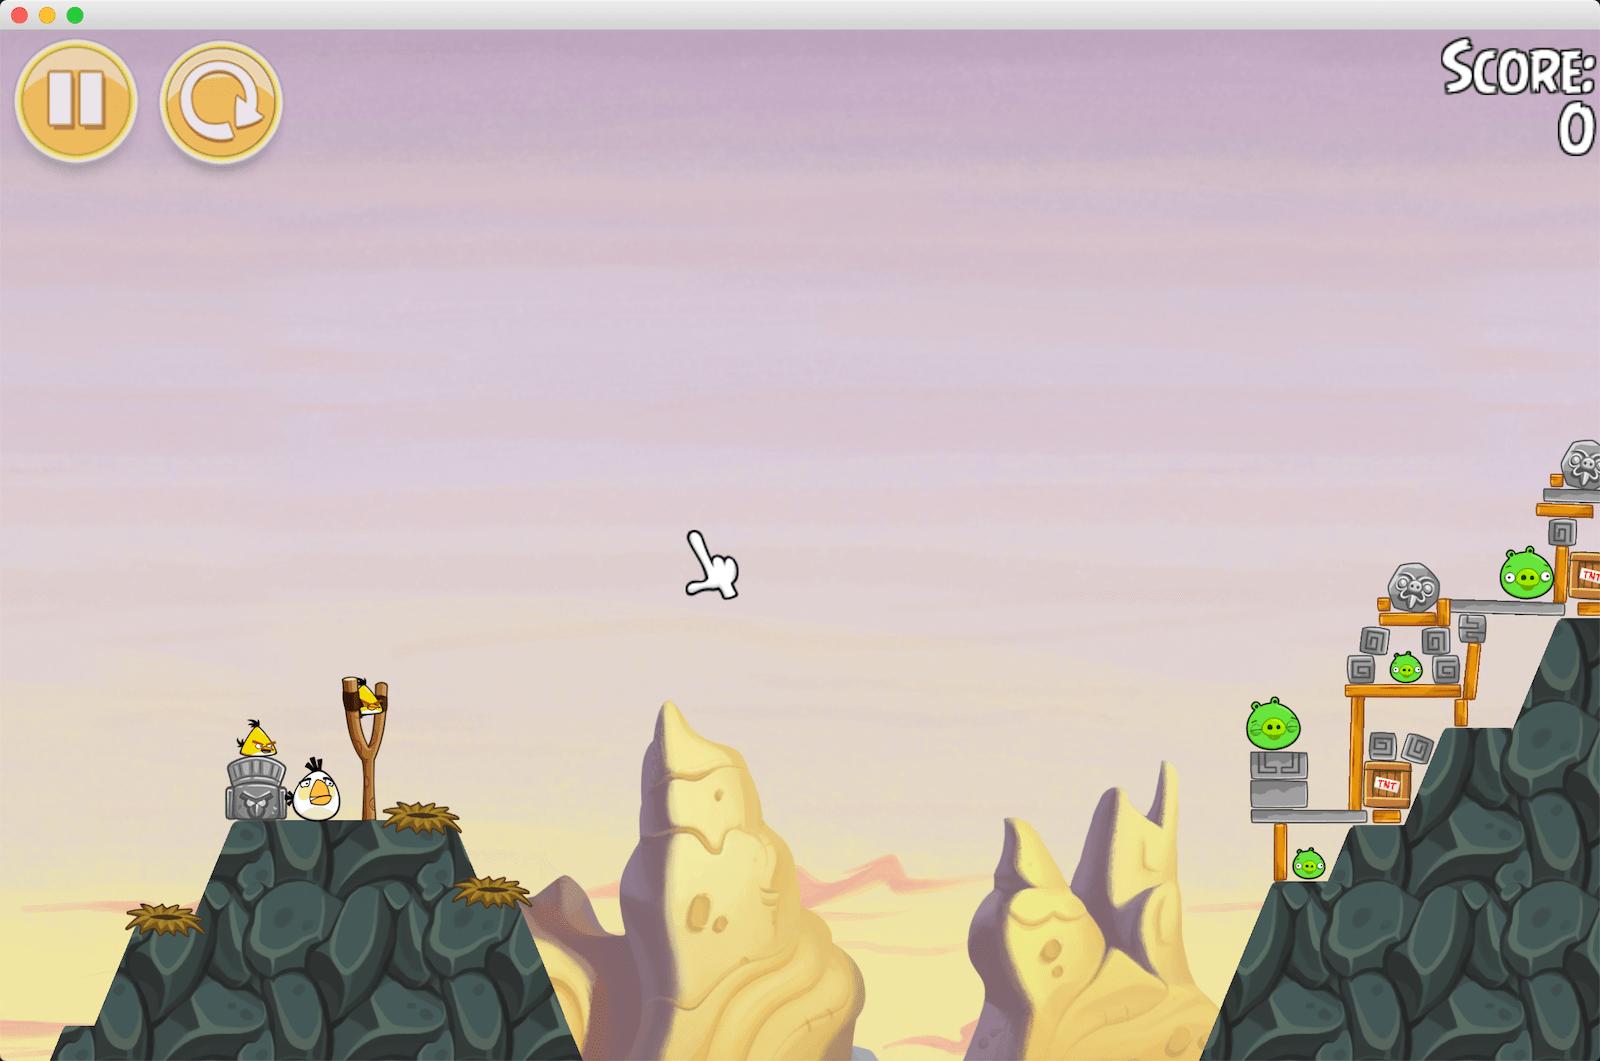 愤怒的小鸟 假日季节版(Angry Birds Seasons)v.4.1.0 for Mac英文破解版 休闲益智游戏